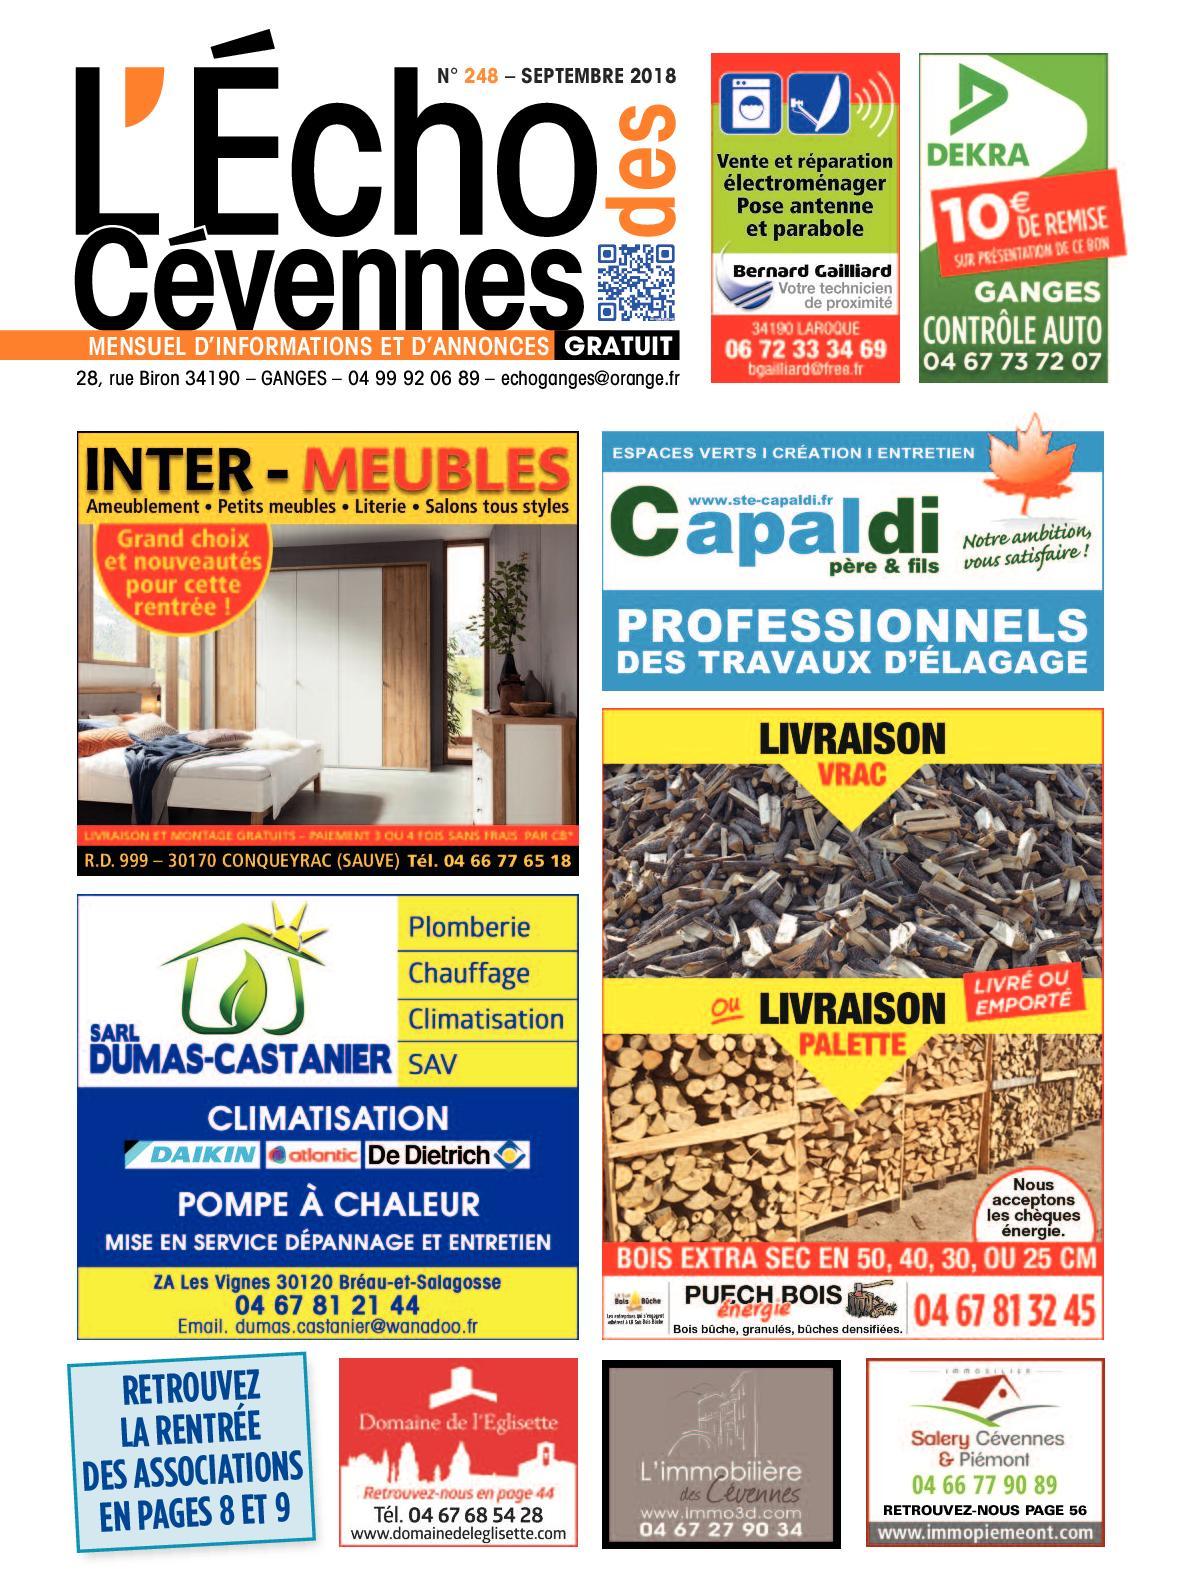 Cevennes 248 2018 Des Sept Calaméo L'echo pfwPwv